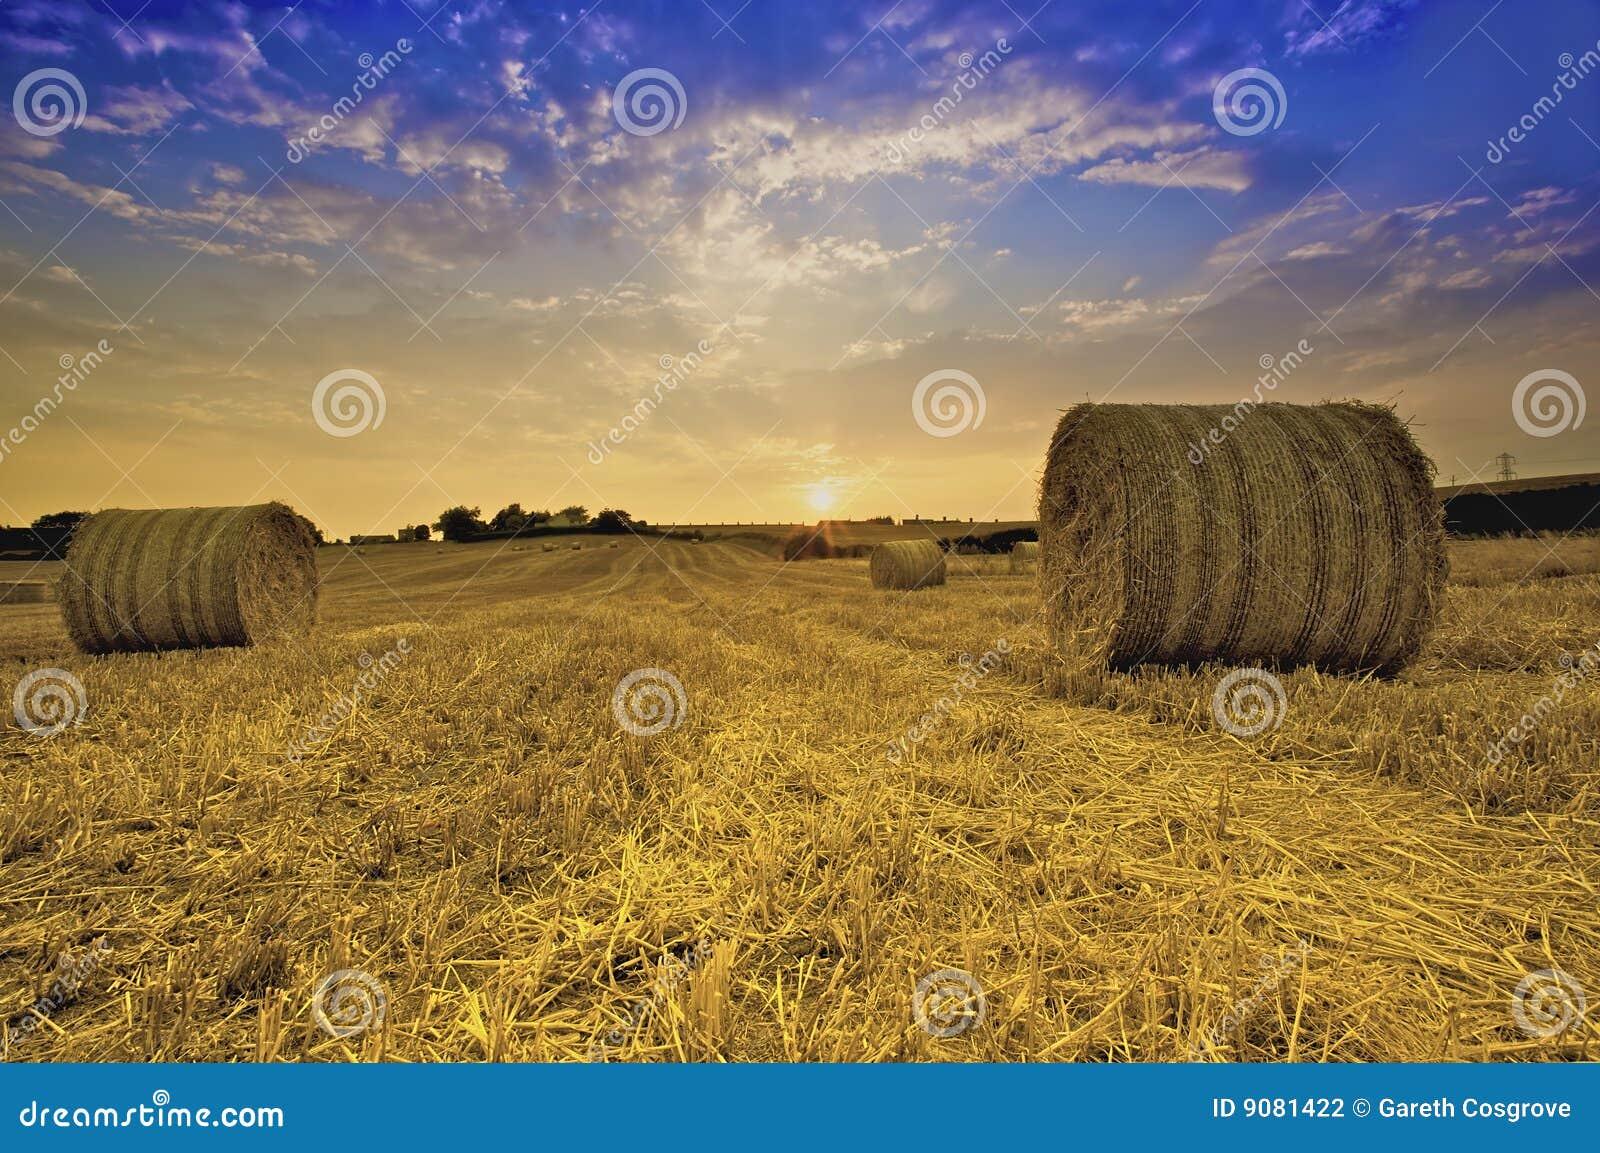 Bails of Golden Hay